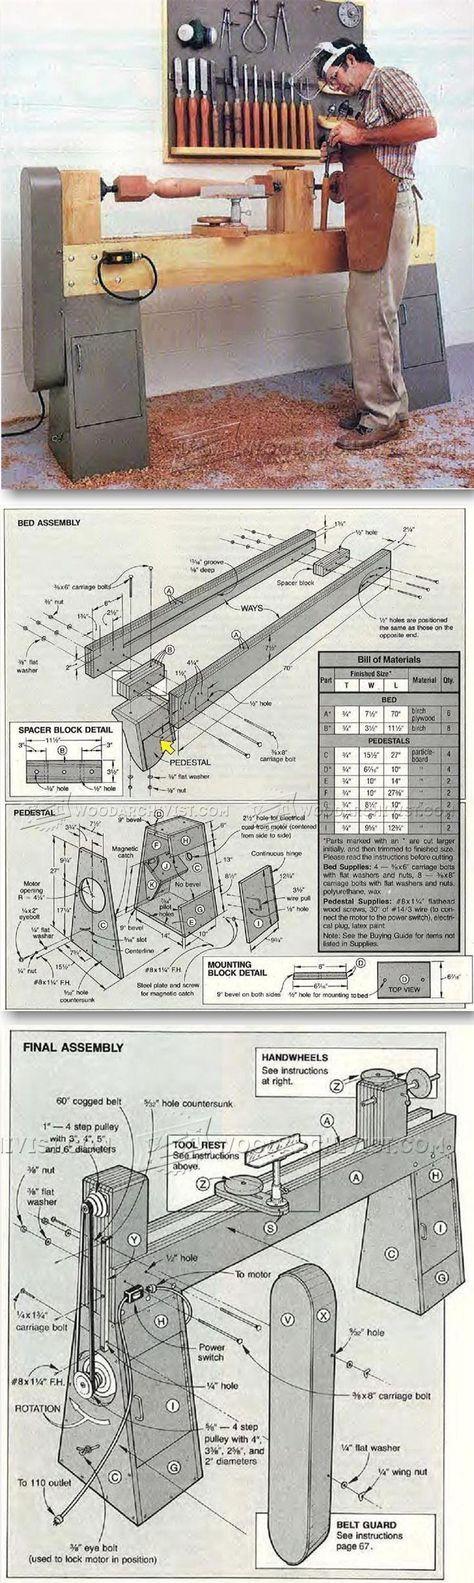 Wood Lathe Plans - Lathe Tips, Jigs and Fixtures   WoodArchivist.com